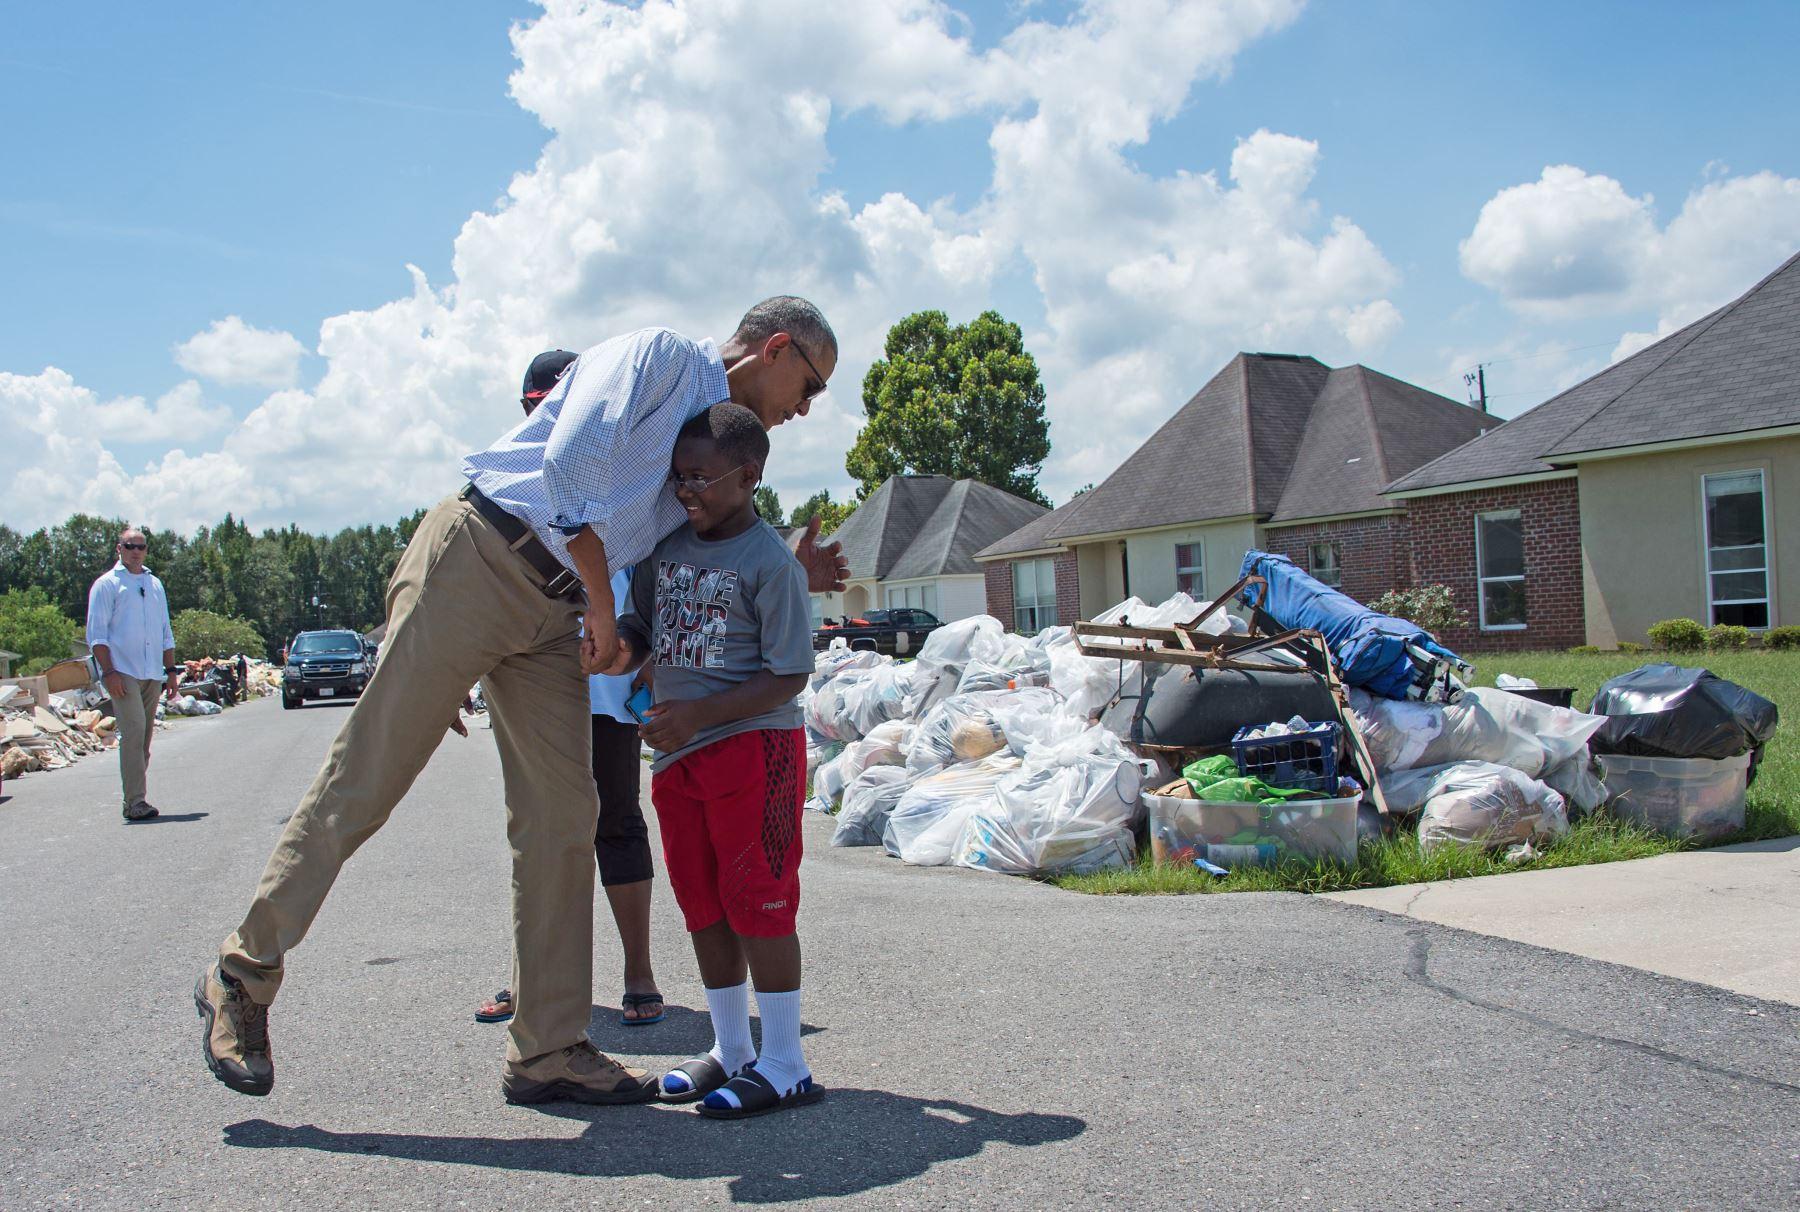 El presidente estadounidense Barack Obama, recorre una zona afectada por las inundaciones en Baton Rouge , Louisiana. Foto: AFP